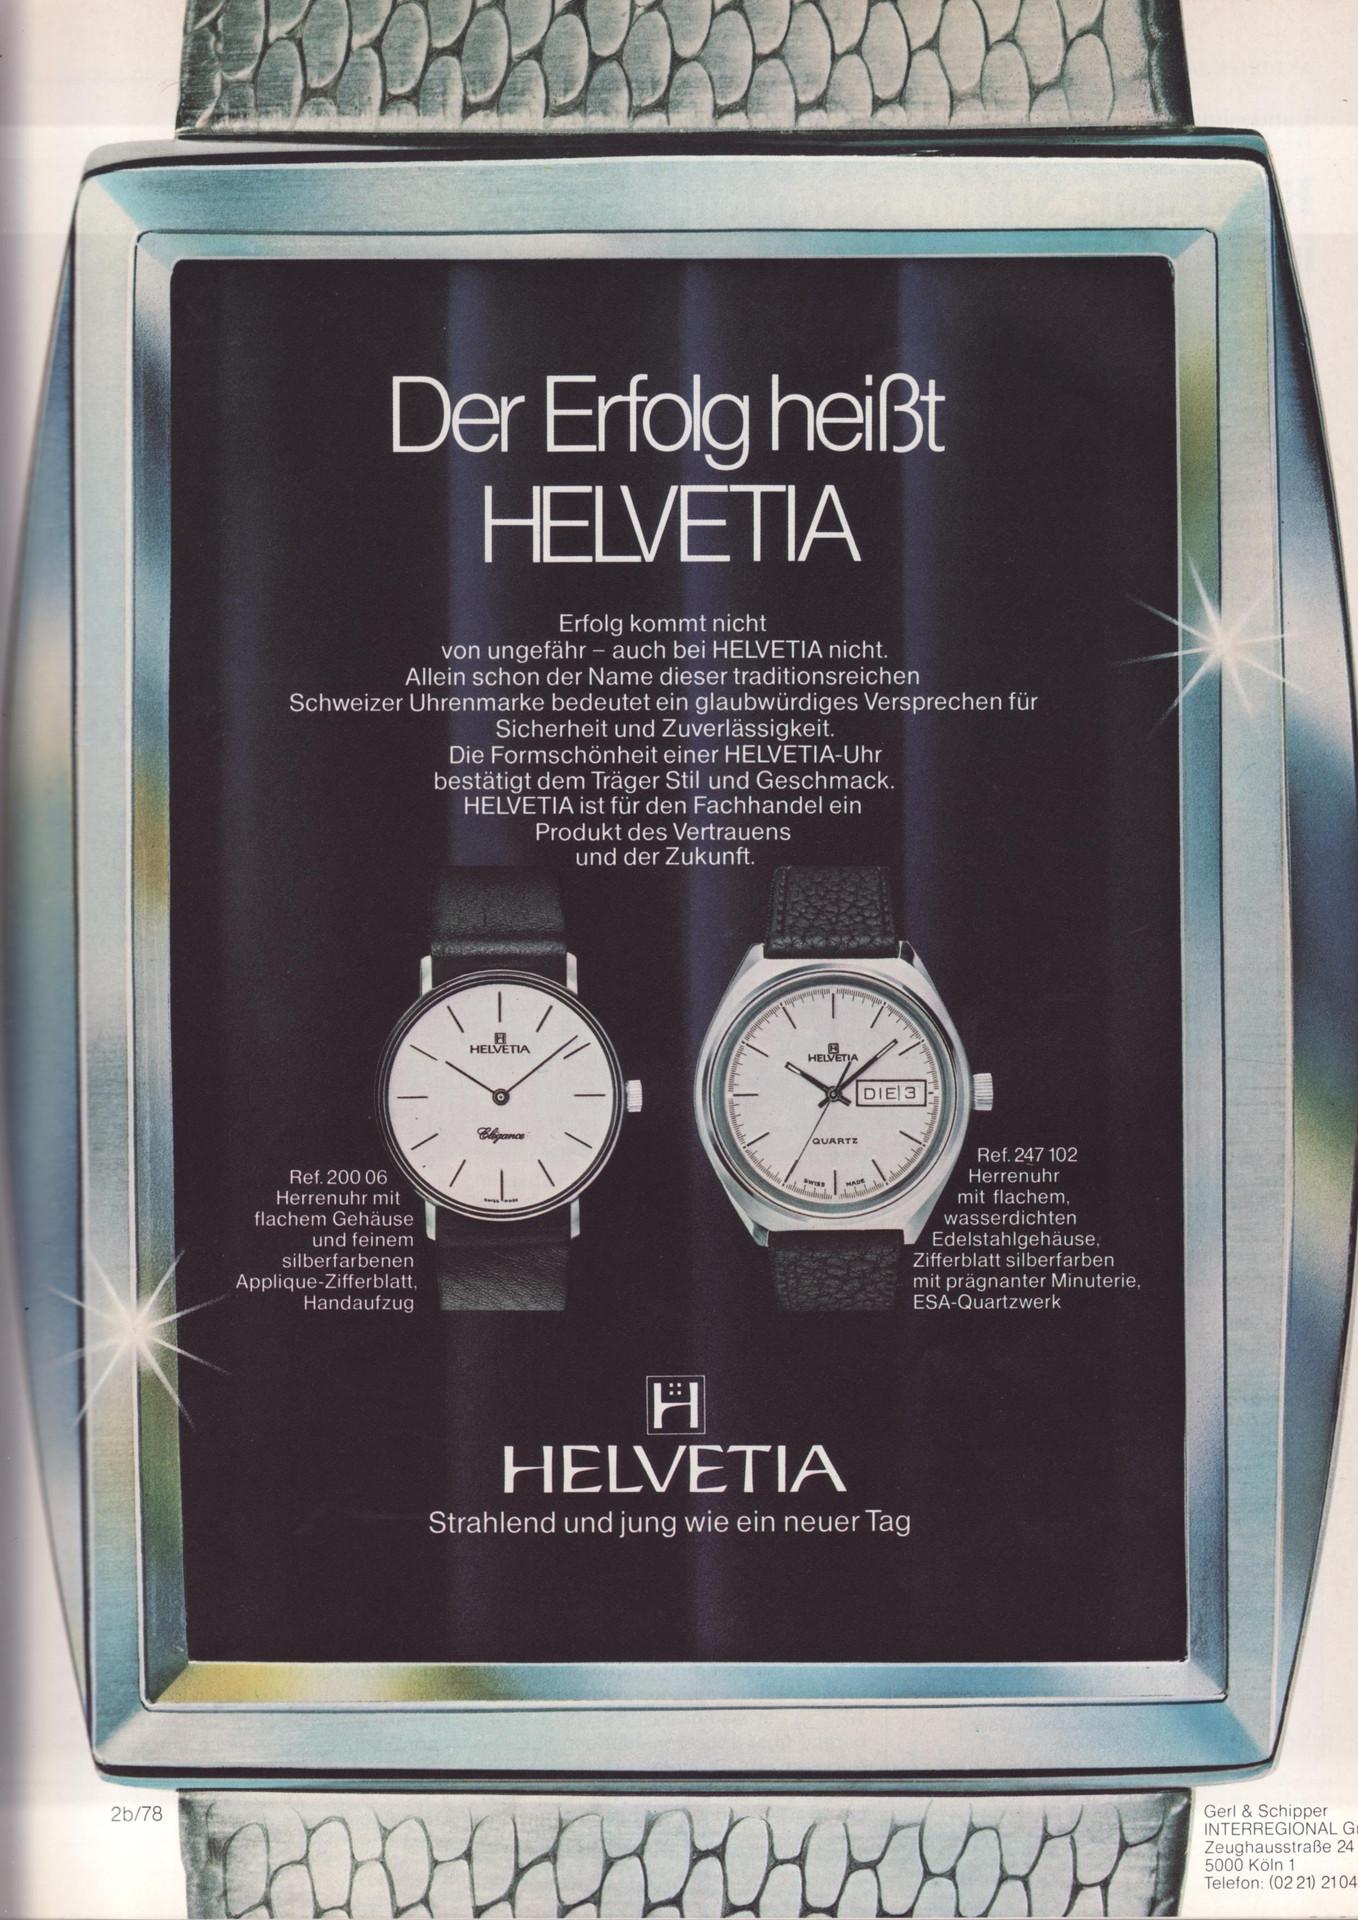 Helvetia Advertisement 1978